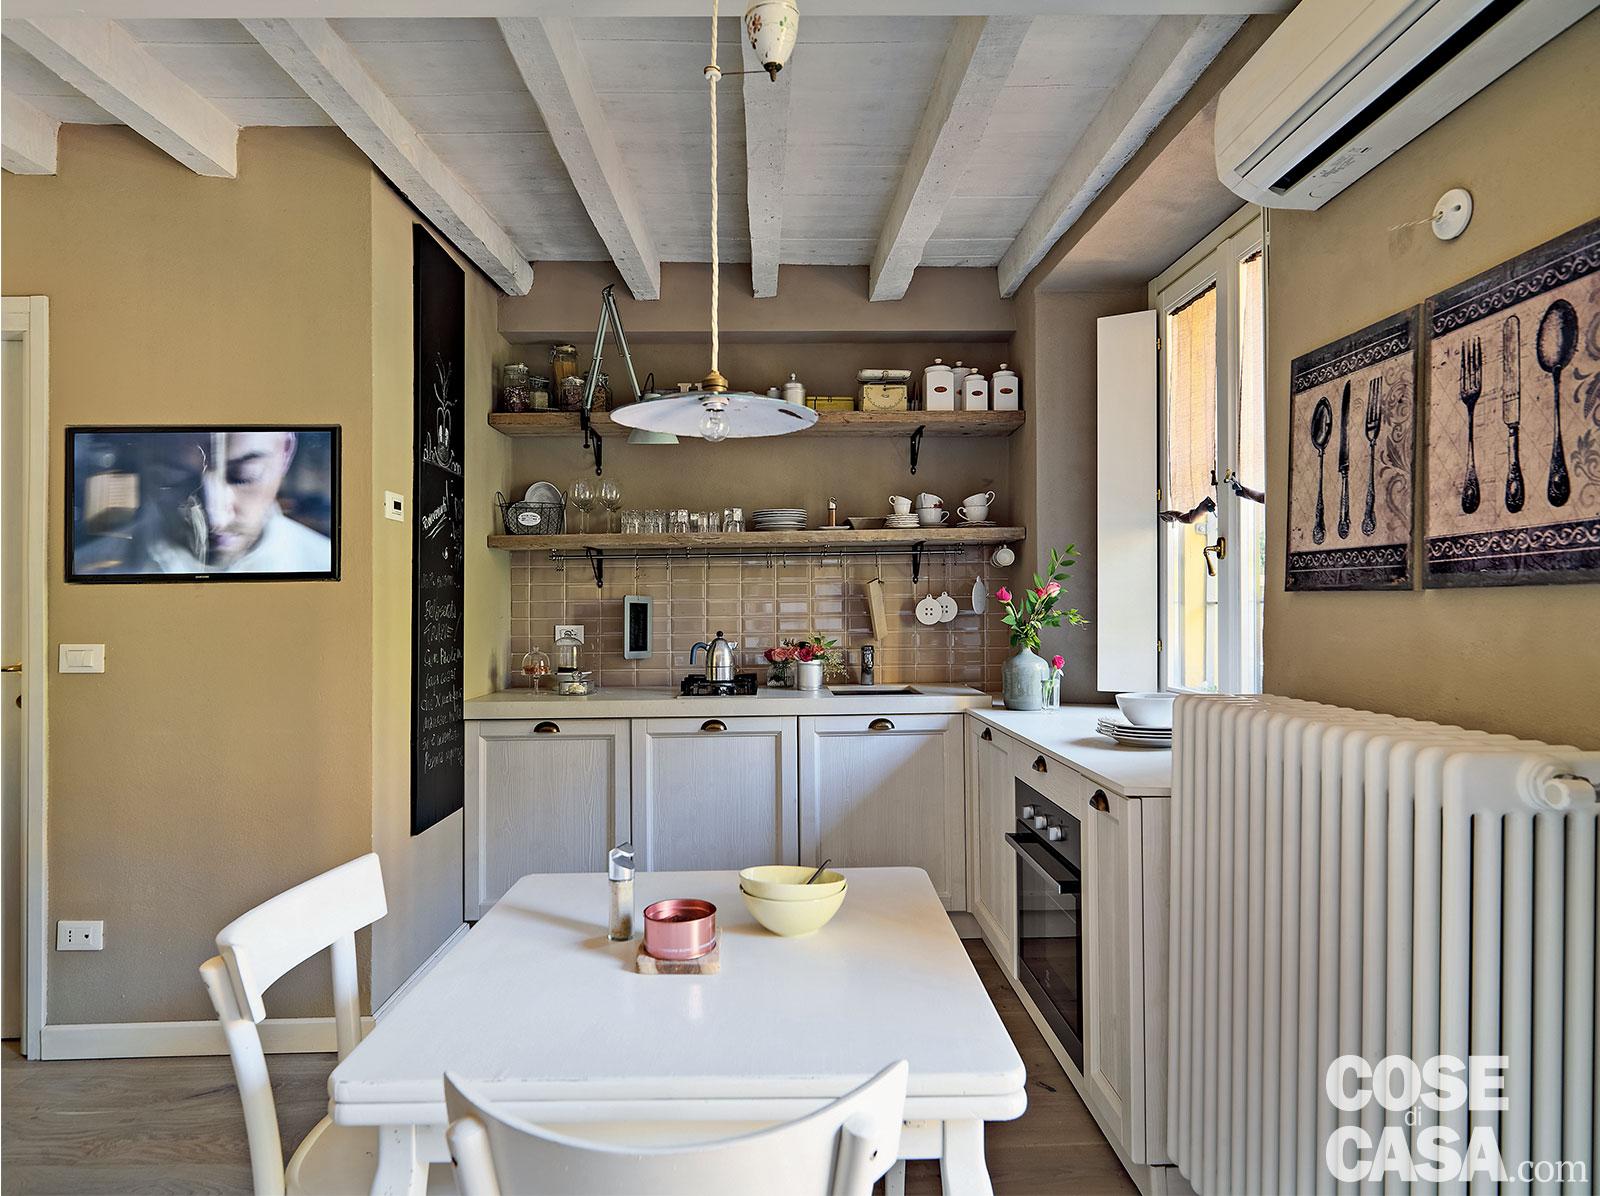 Monolocale Decor 32 Mq In Versione Shabby Chic Cose Di Casa